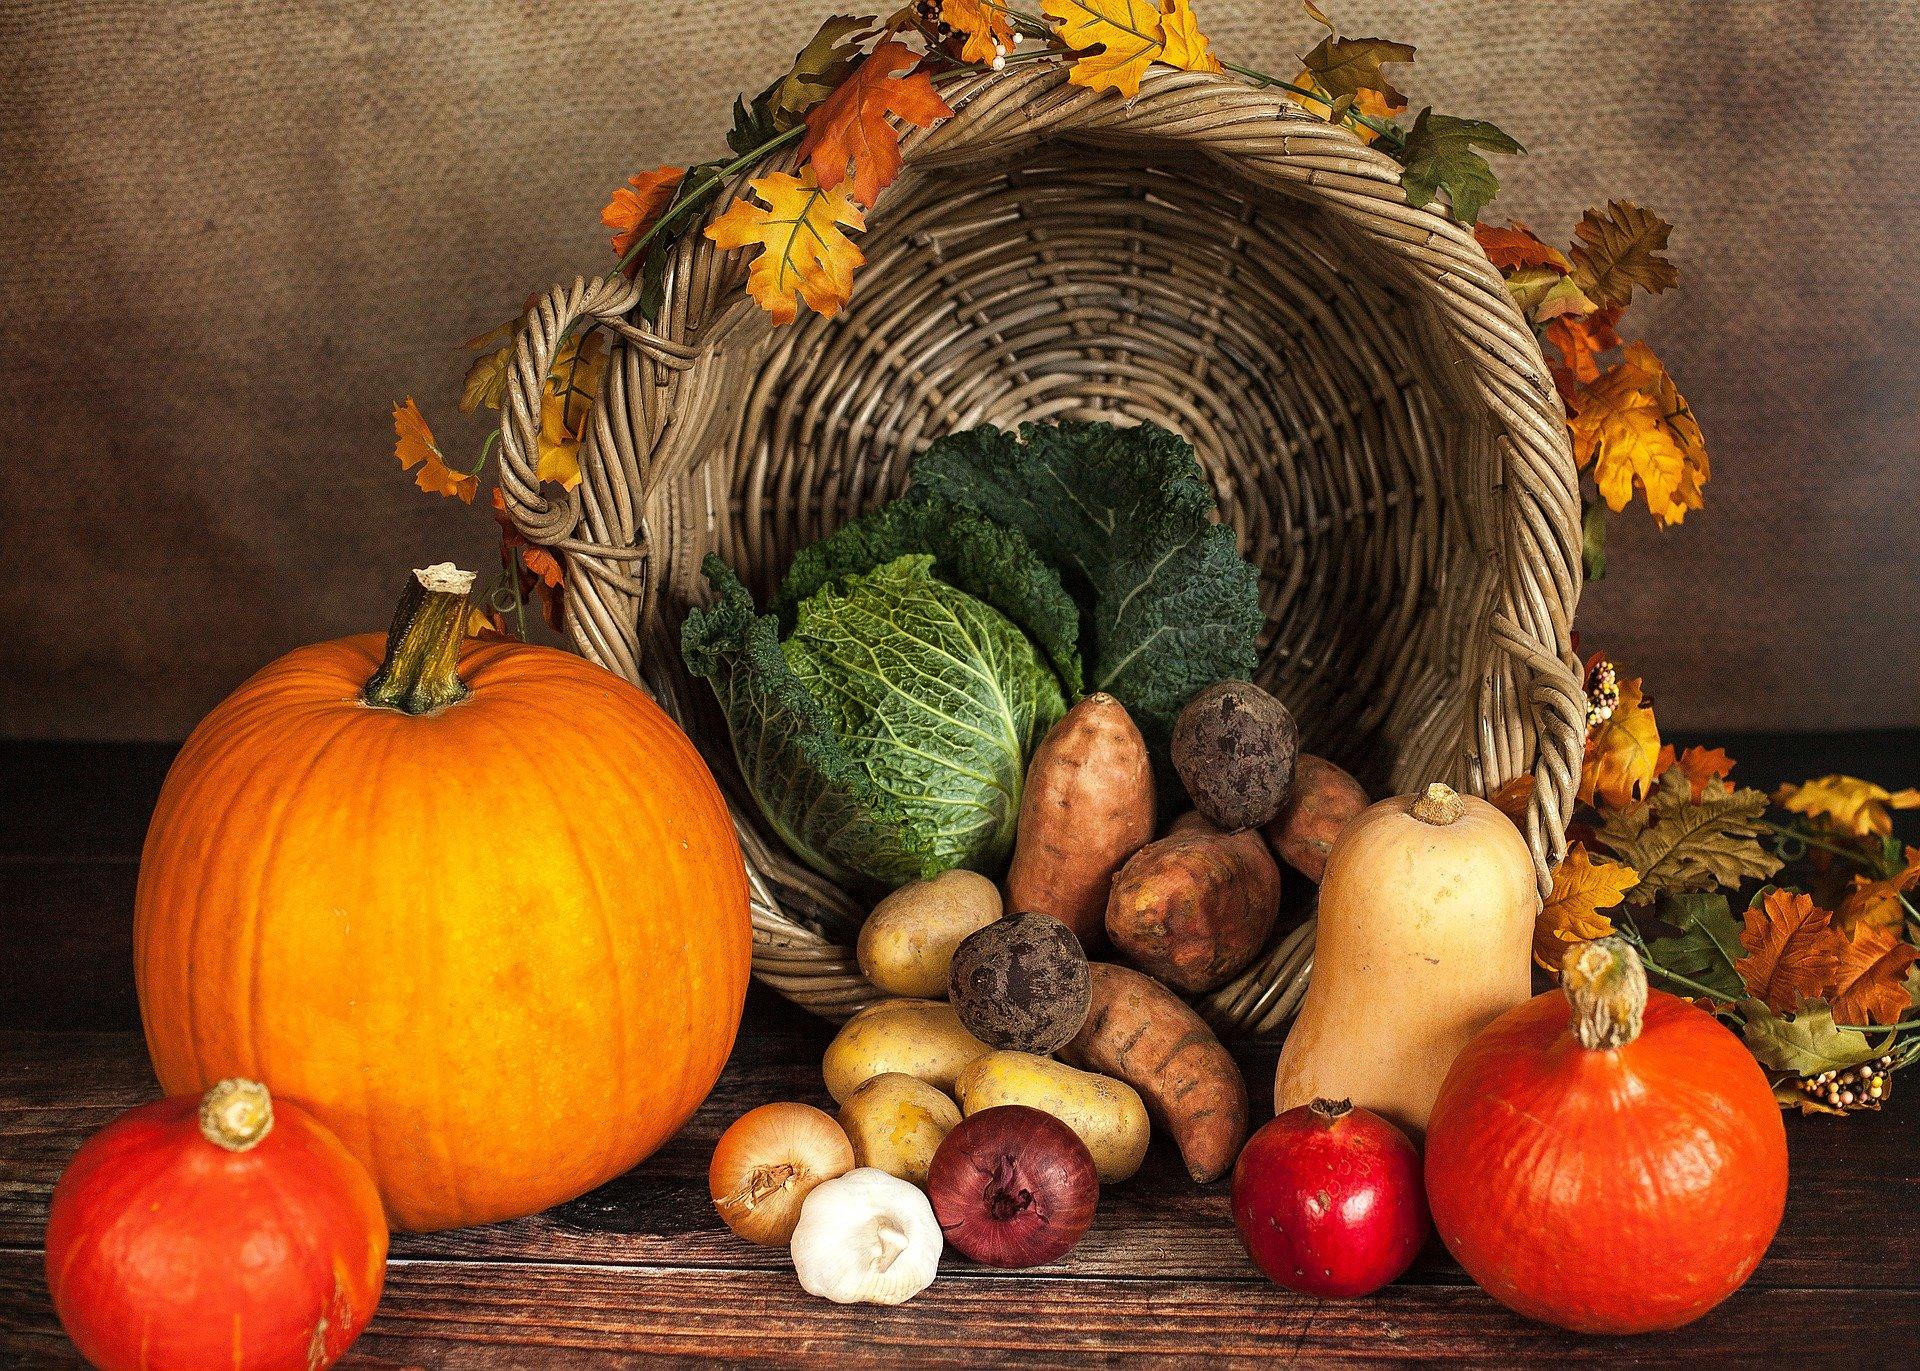 Köstliches Herbstgemüse